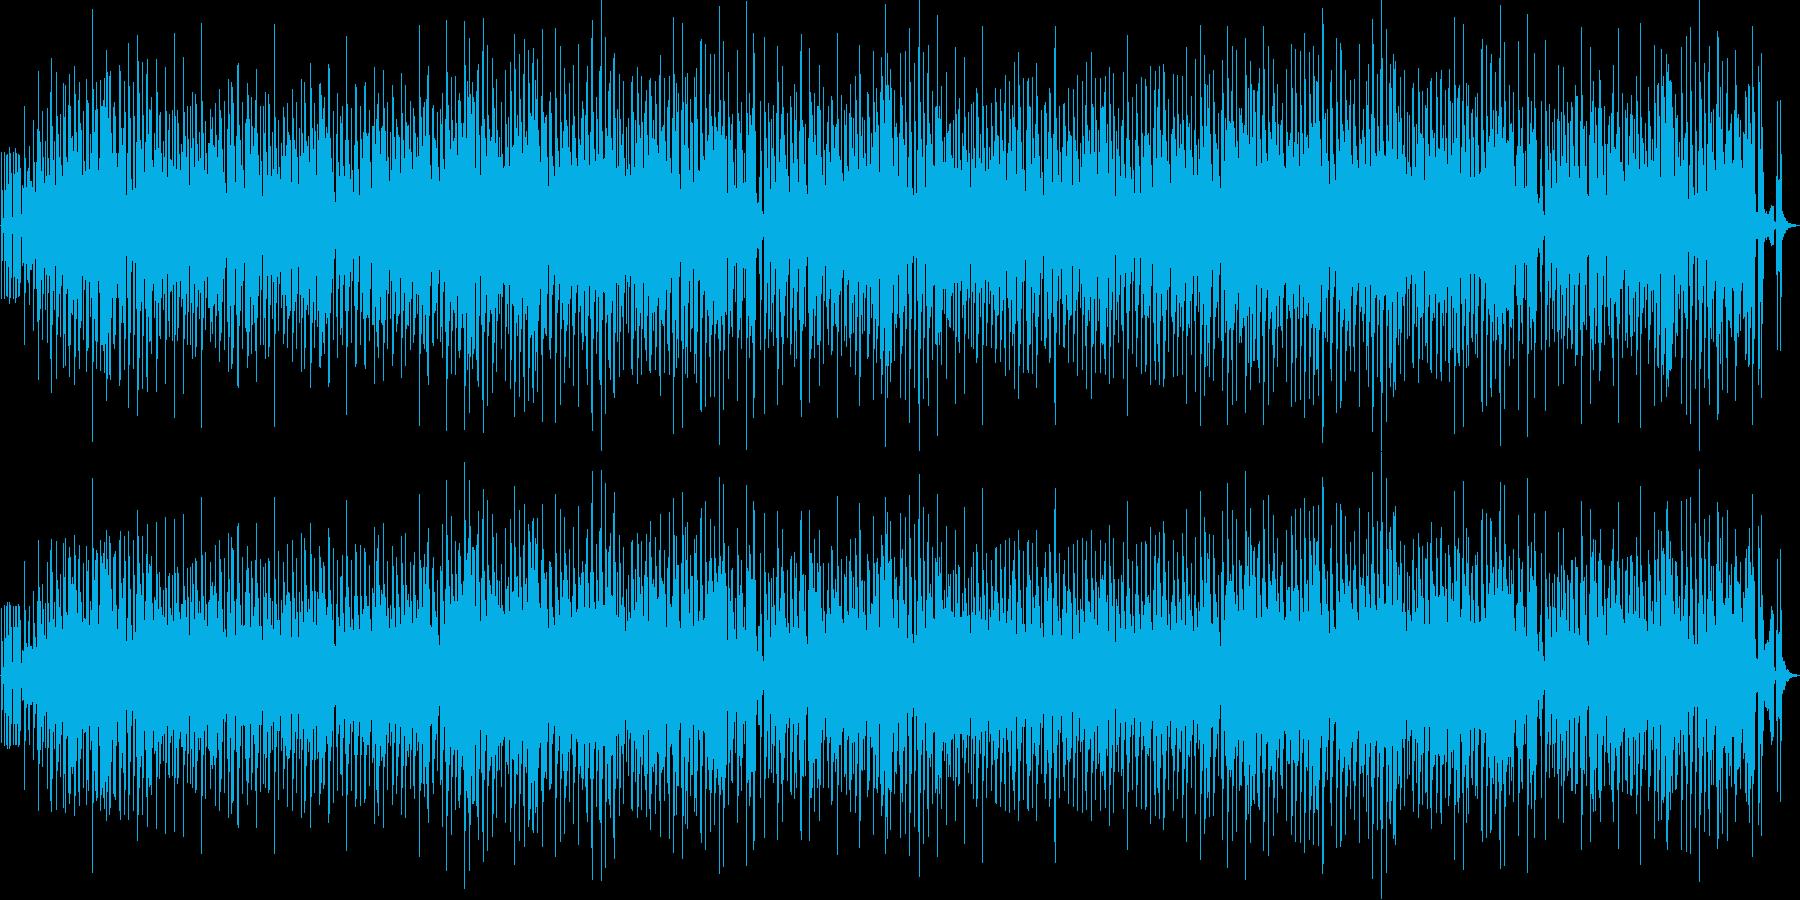 日常の雰囲気を切り取ったような和む曲の再生済みの波形